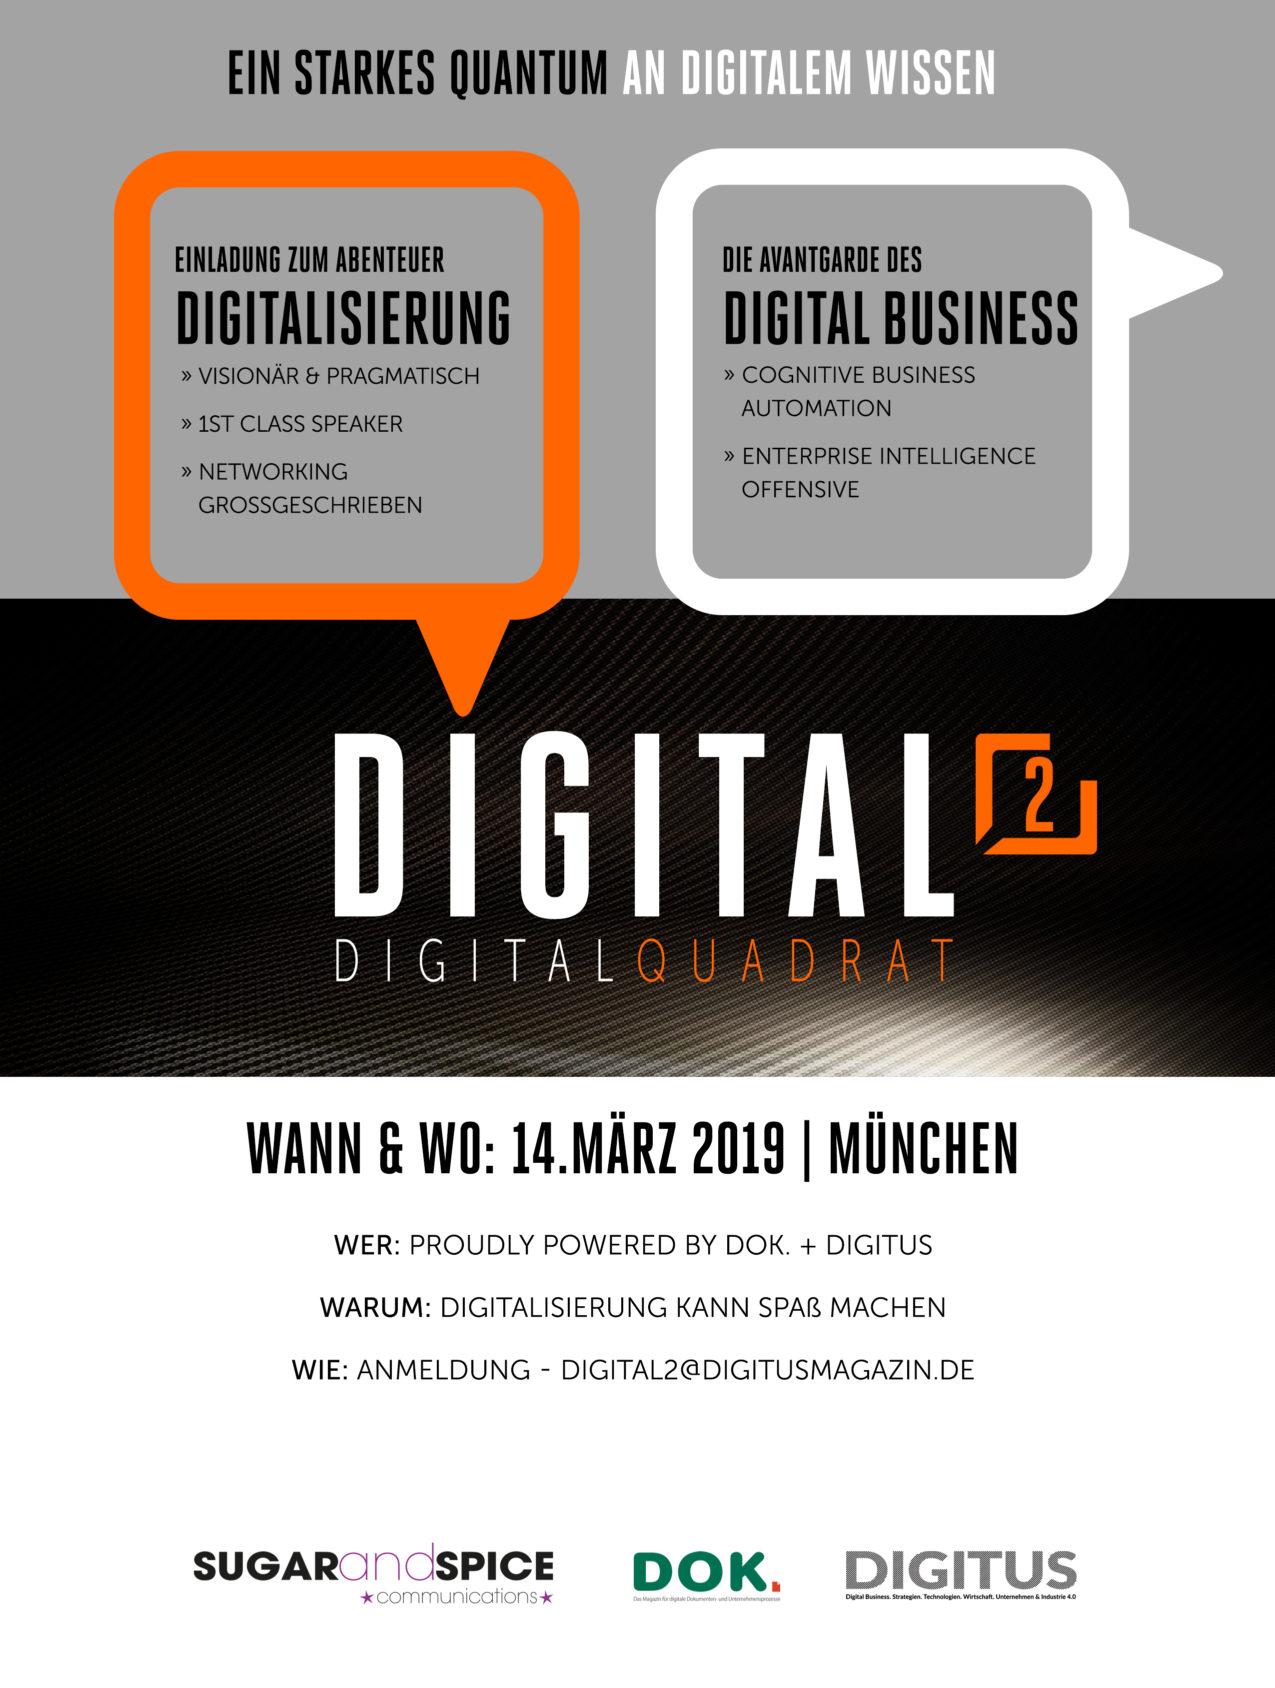 Konferenz Digital Quadrat München